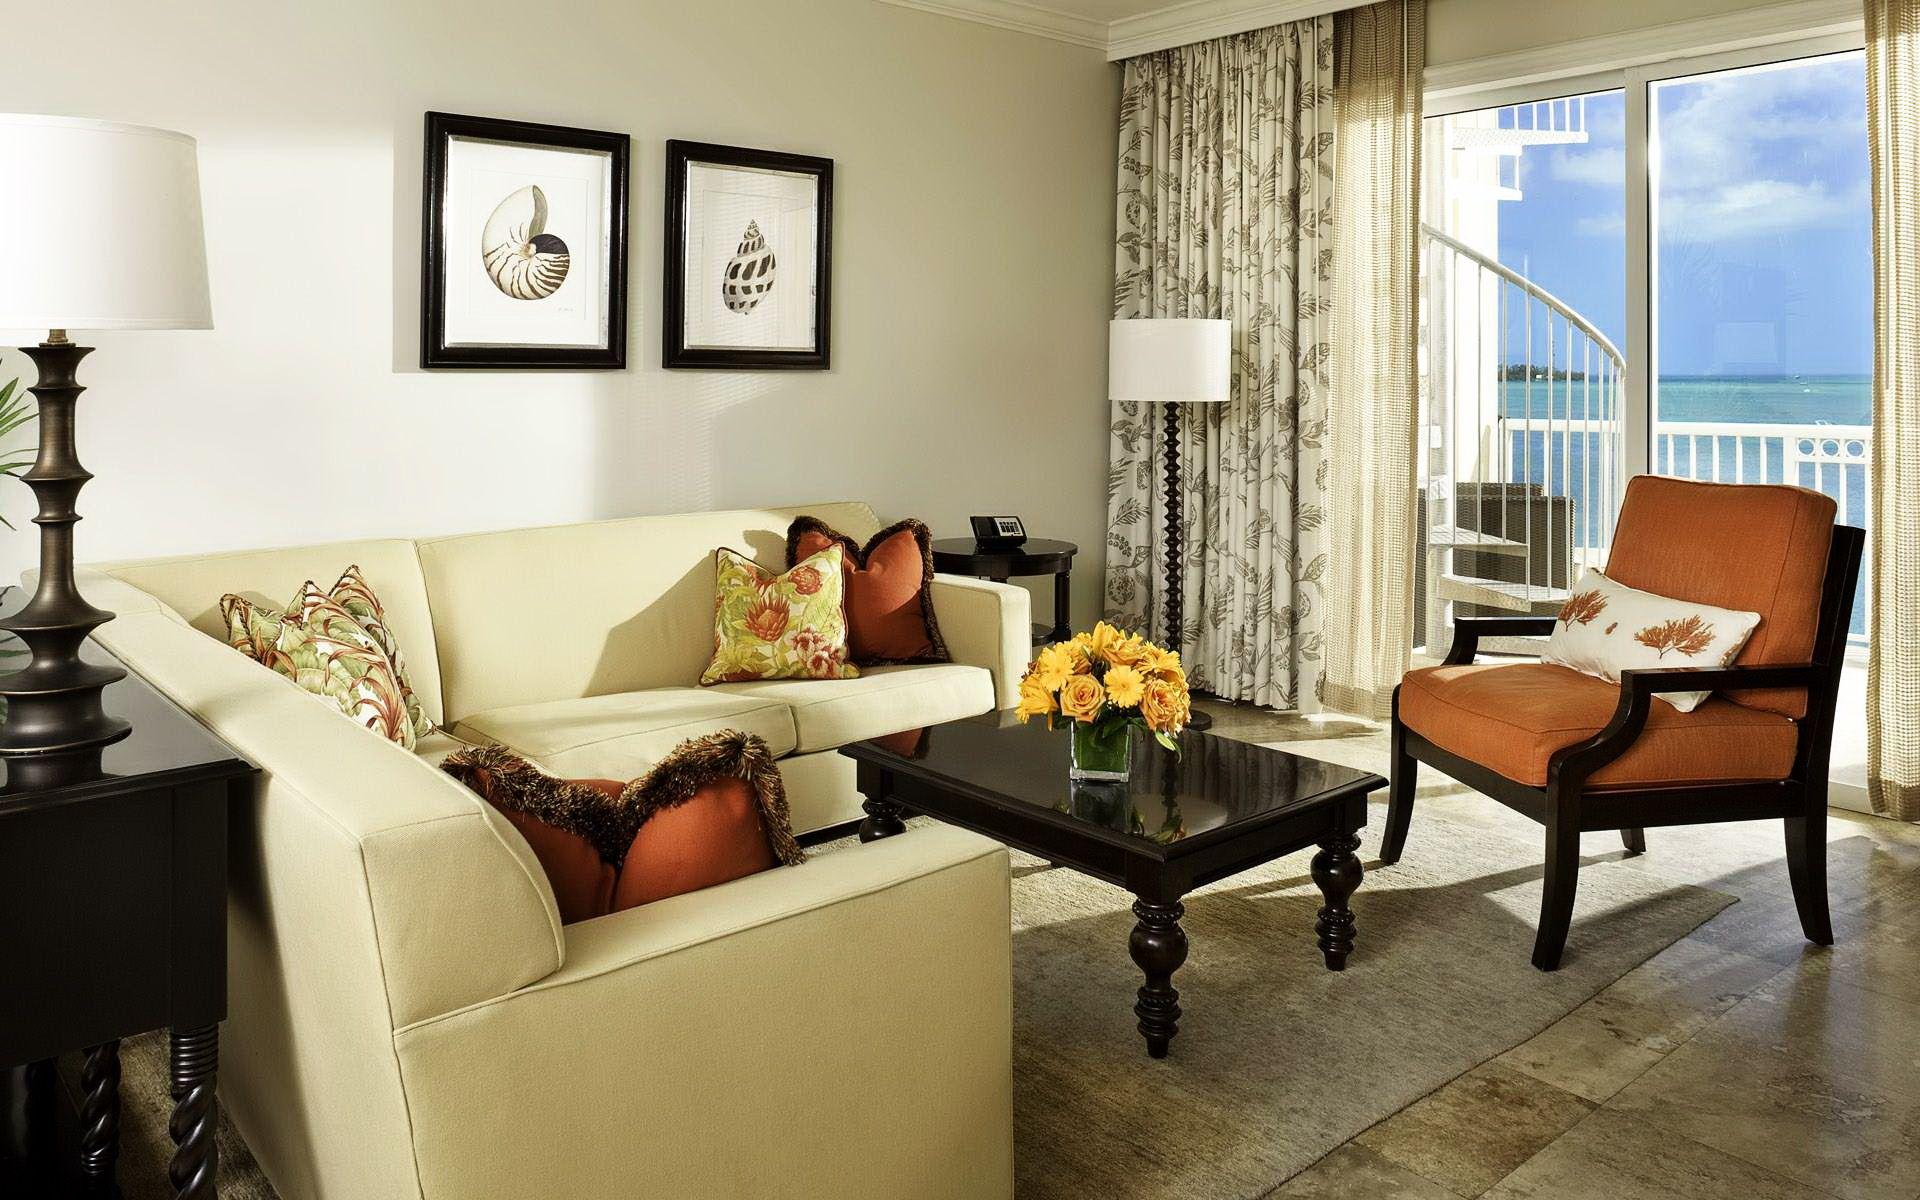 74 Small Living Room Design Ideas  Small Living Room Designs Custom Simple Elegant Living Room Design Design Inspiration